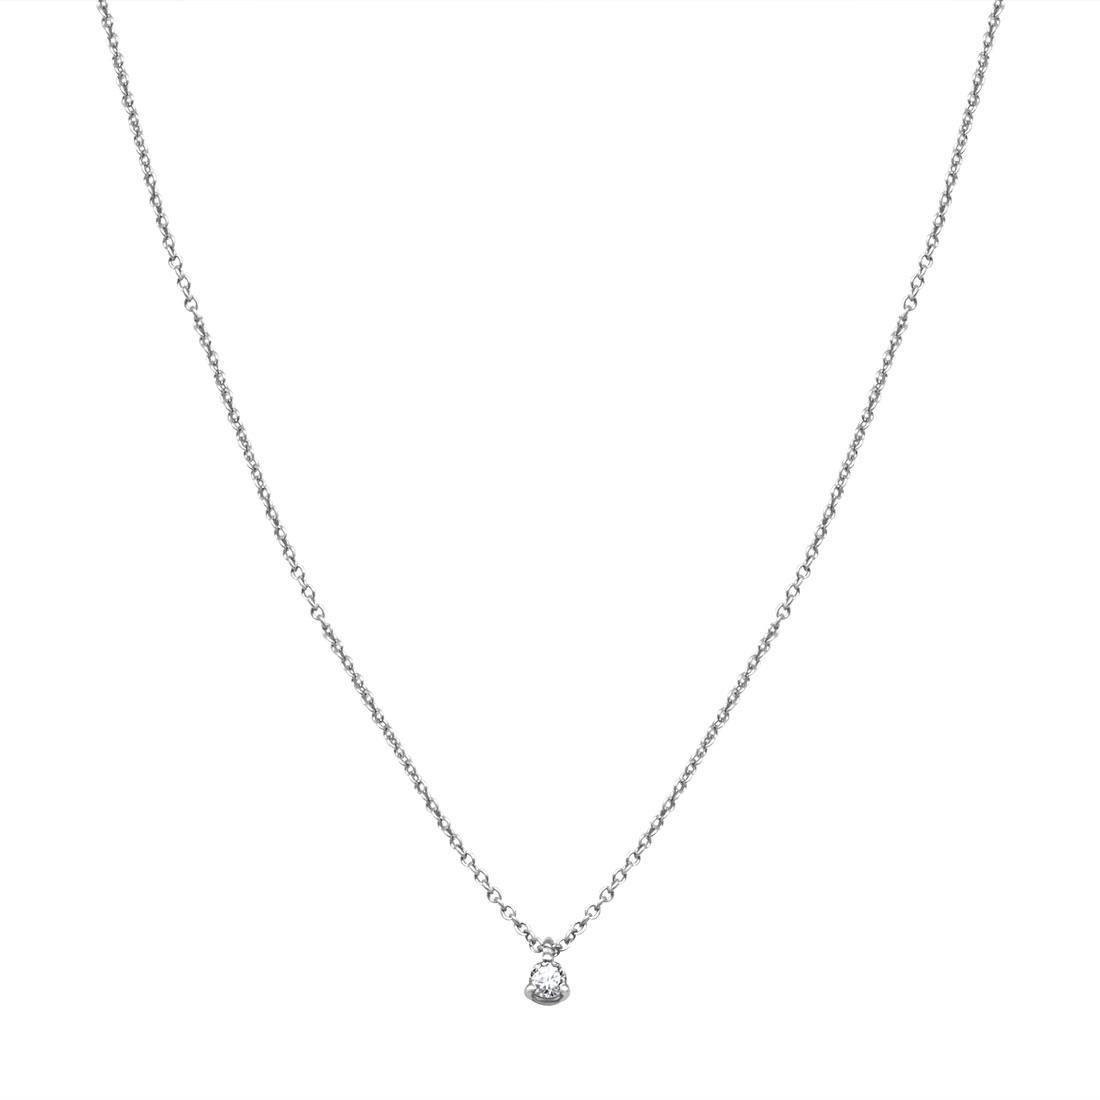 Pendente 3 griffes in oro bianco con diamante ct 0.10 - ALFIERI & ST. JOHN